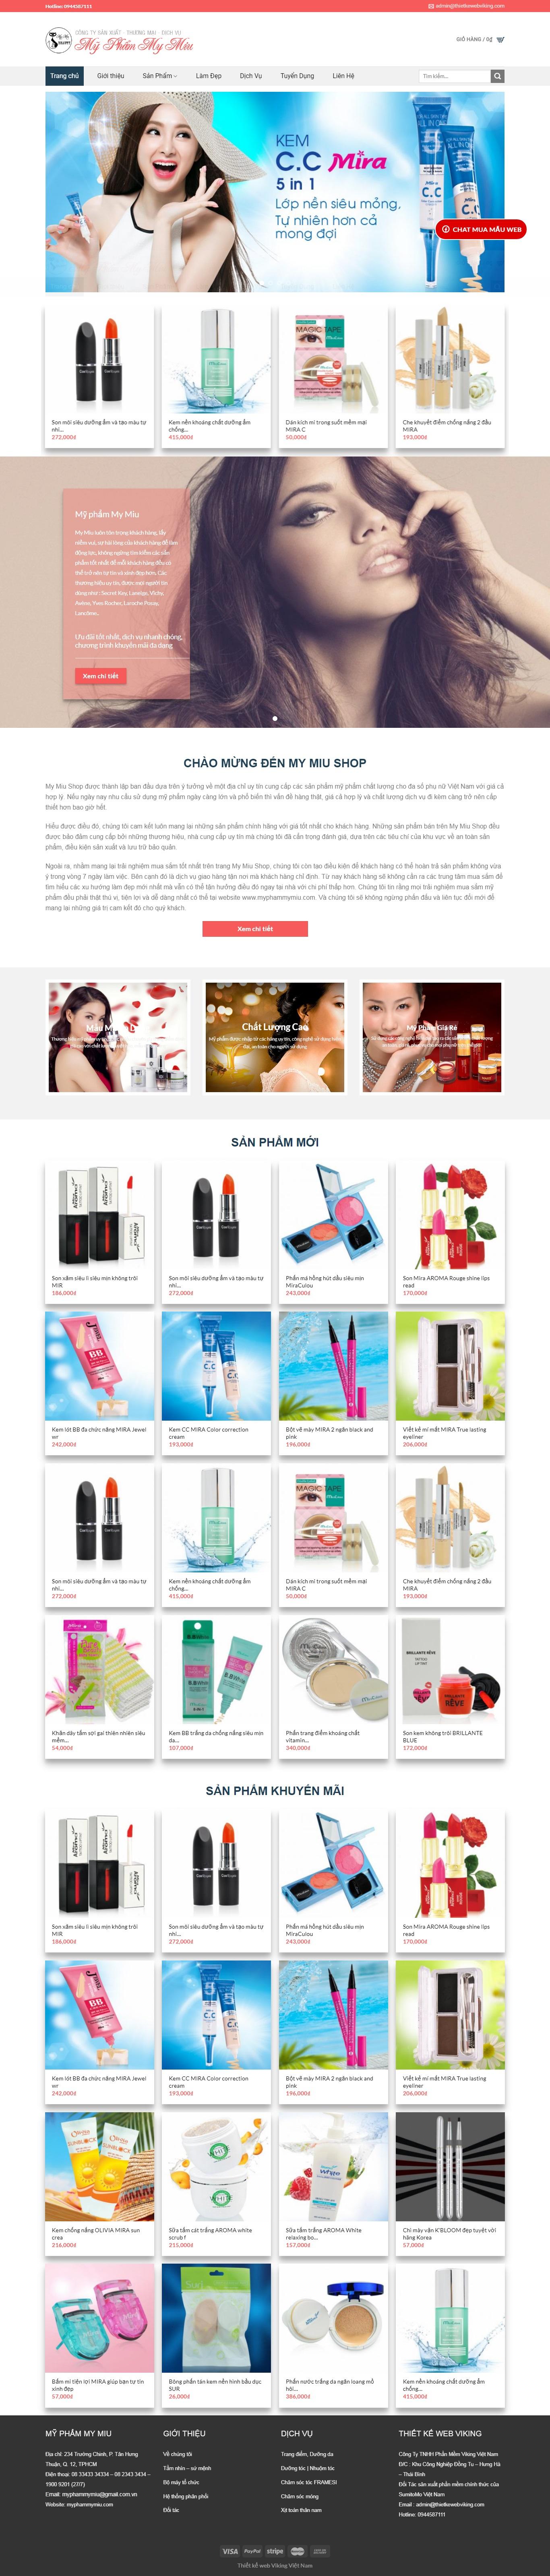 Thiết kế web bán hàng mẫu 14